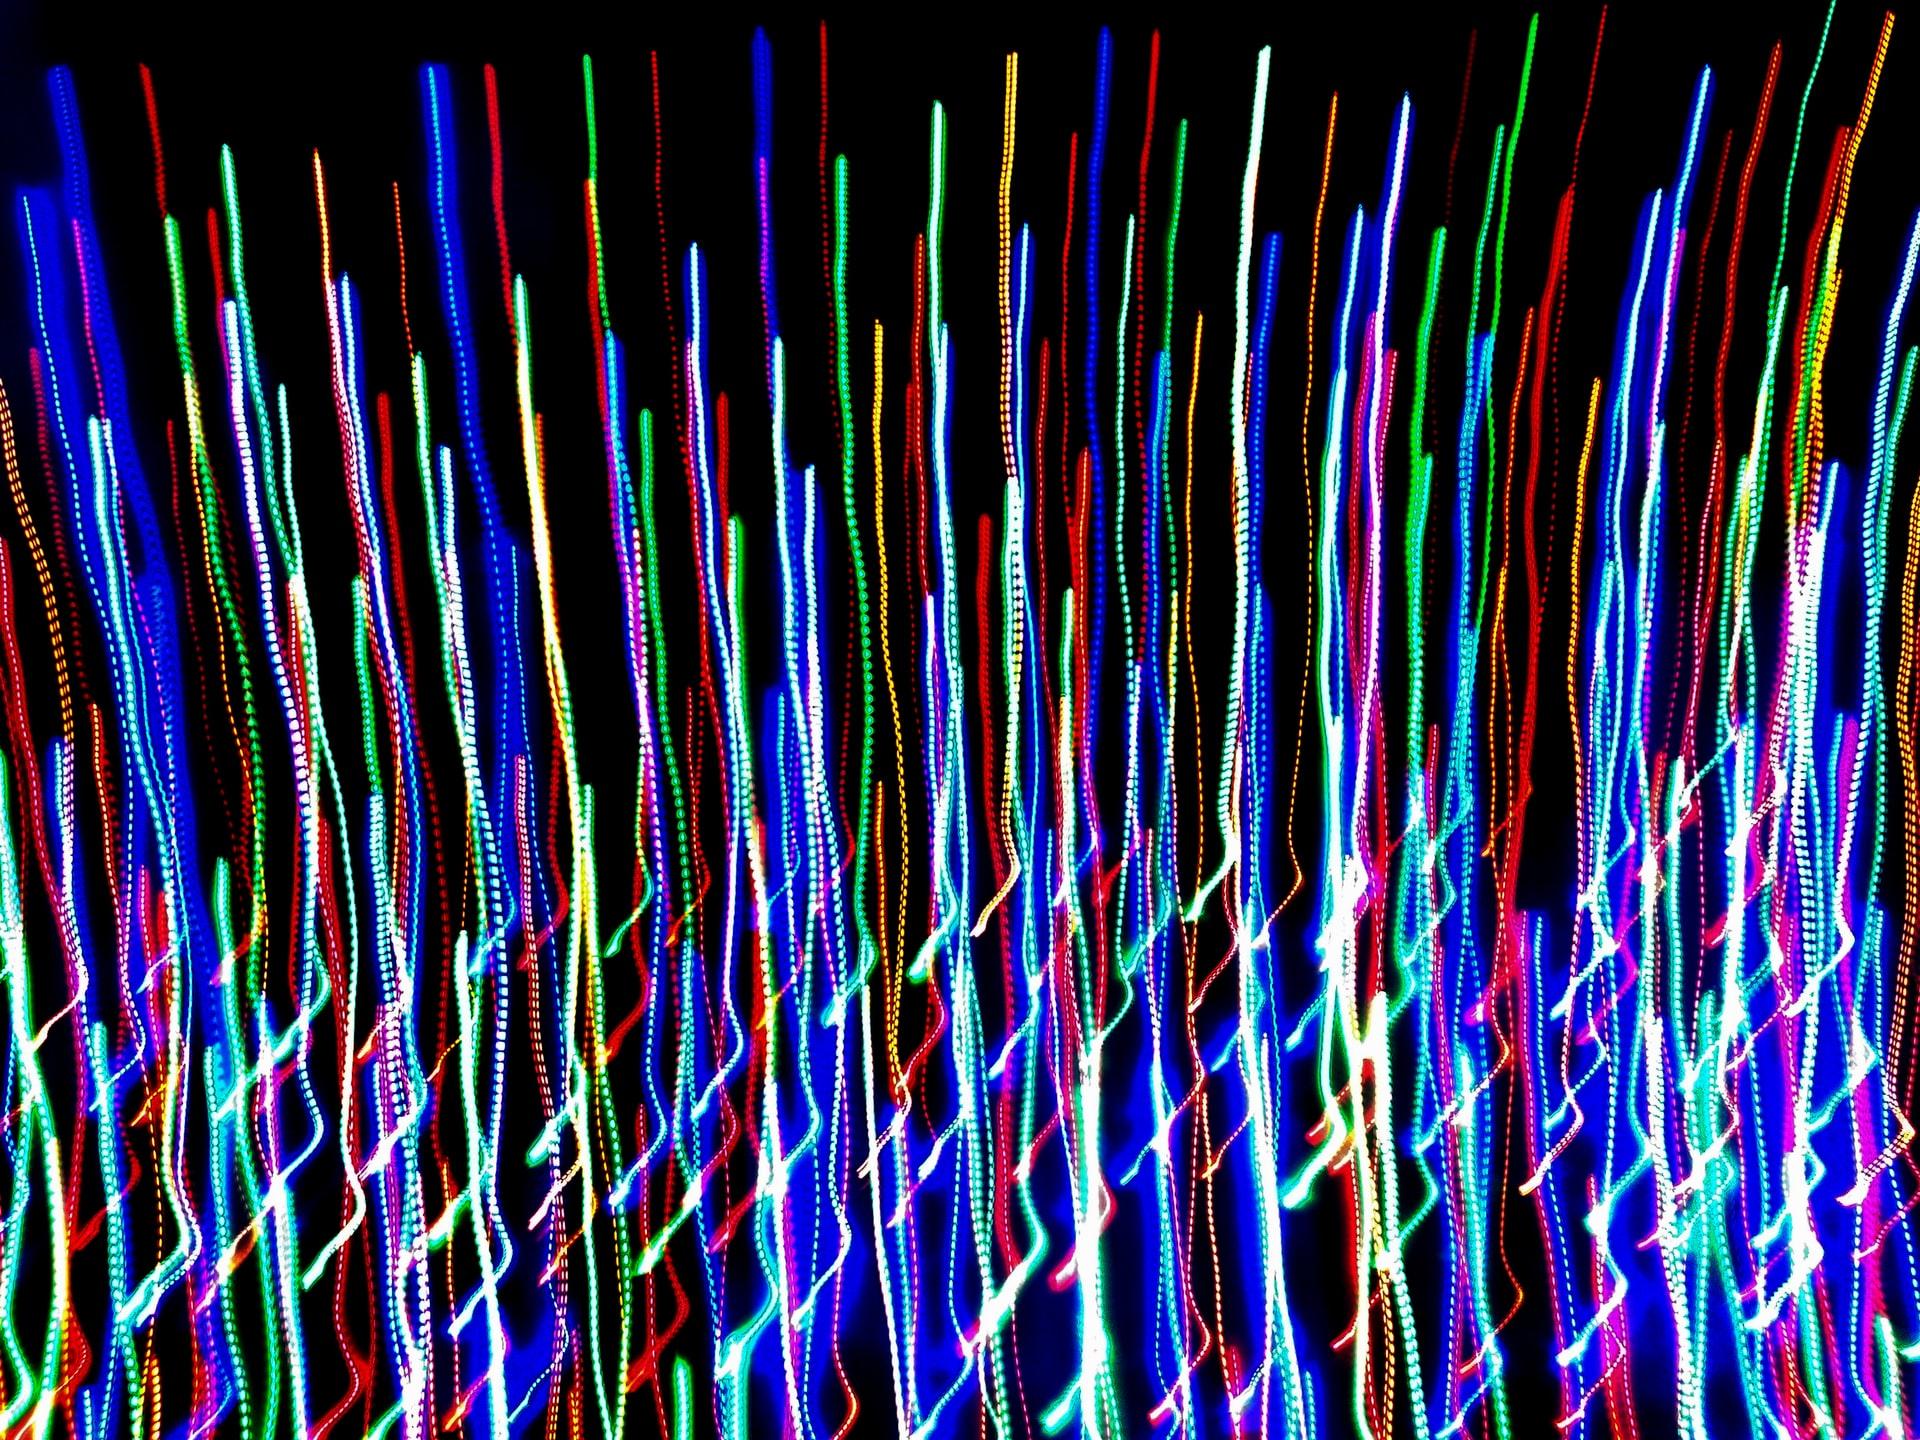 hogy a fény hogyan befolyásolja a látást gyenge látás és ugrás